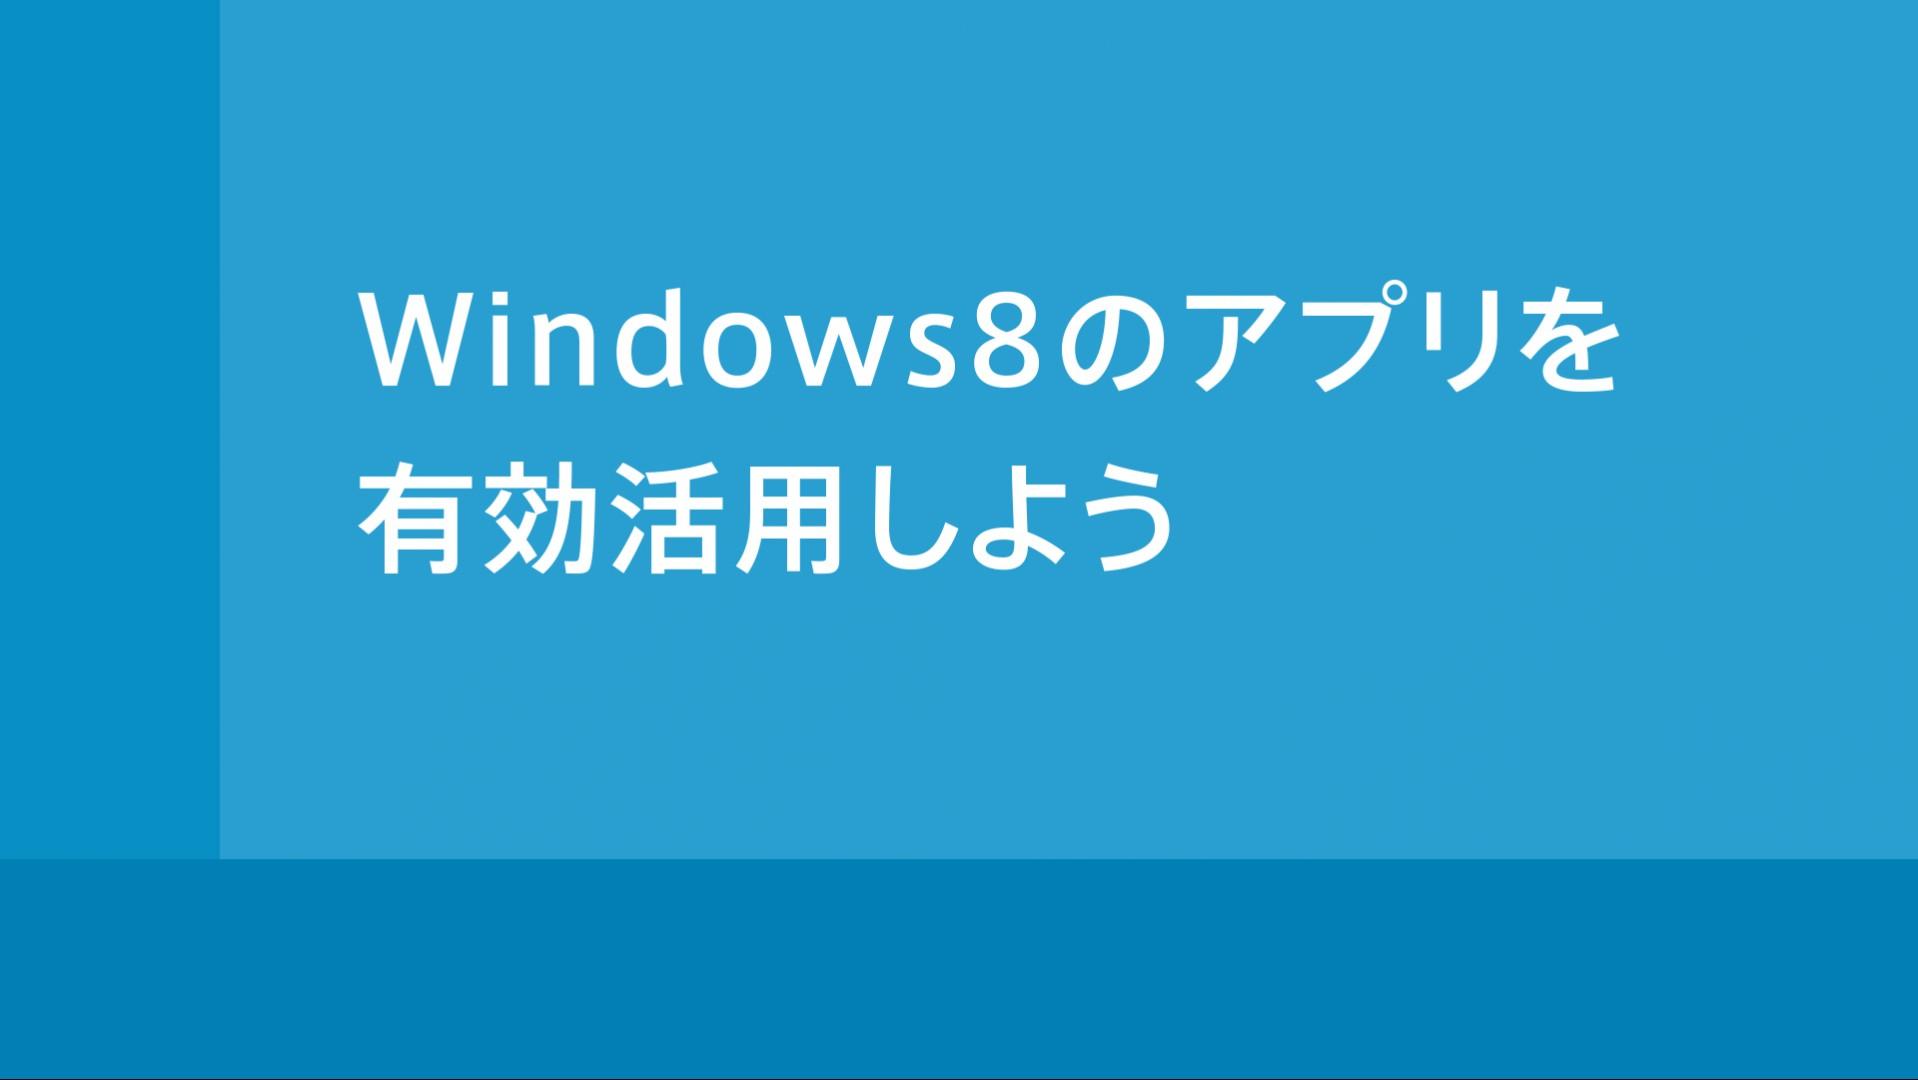 Windows 8でビデオを再生する ビデオアプリ